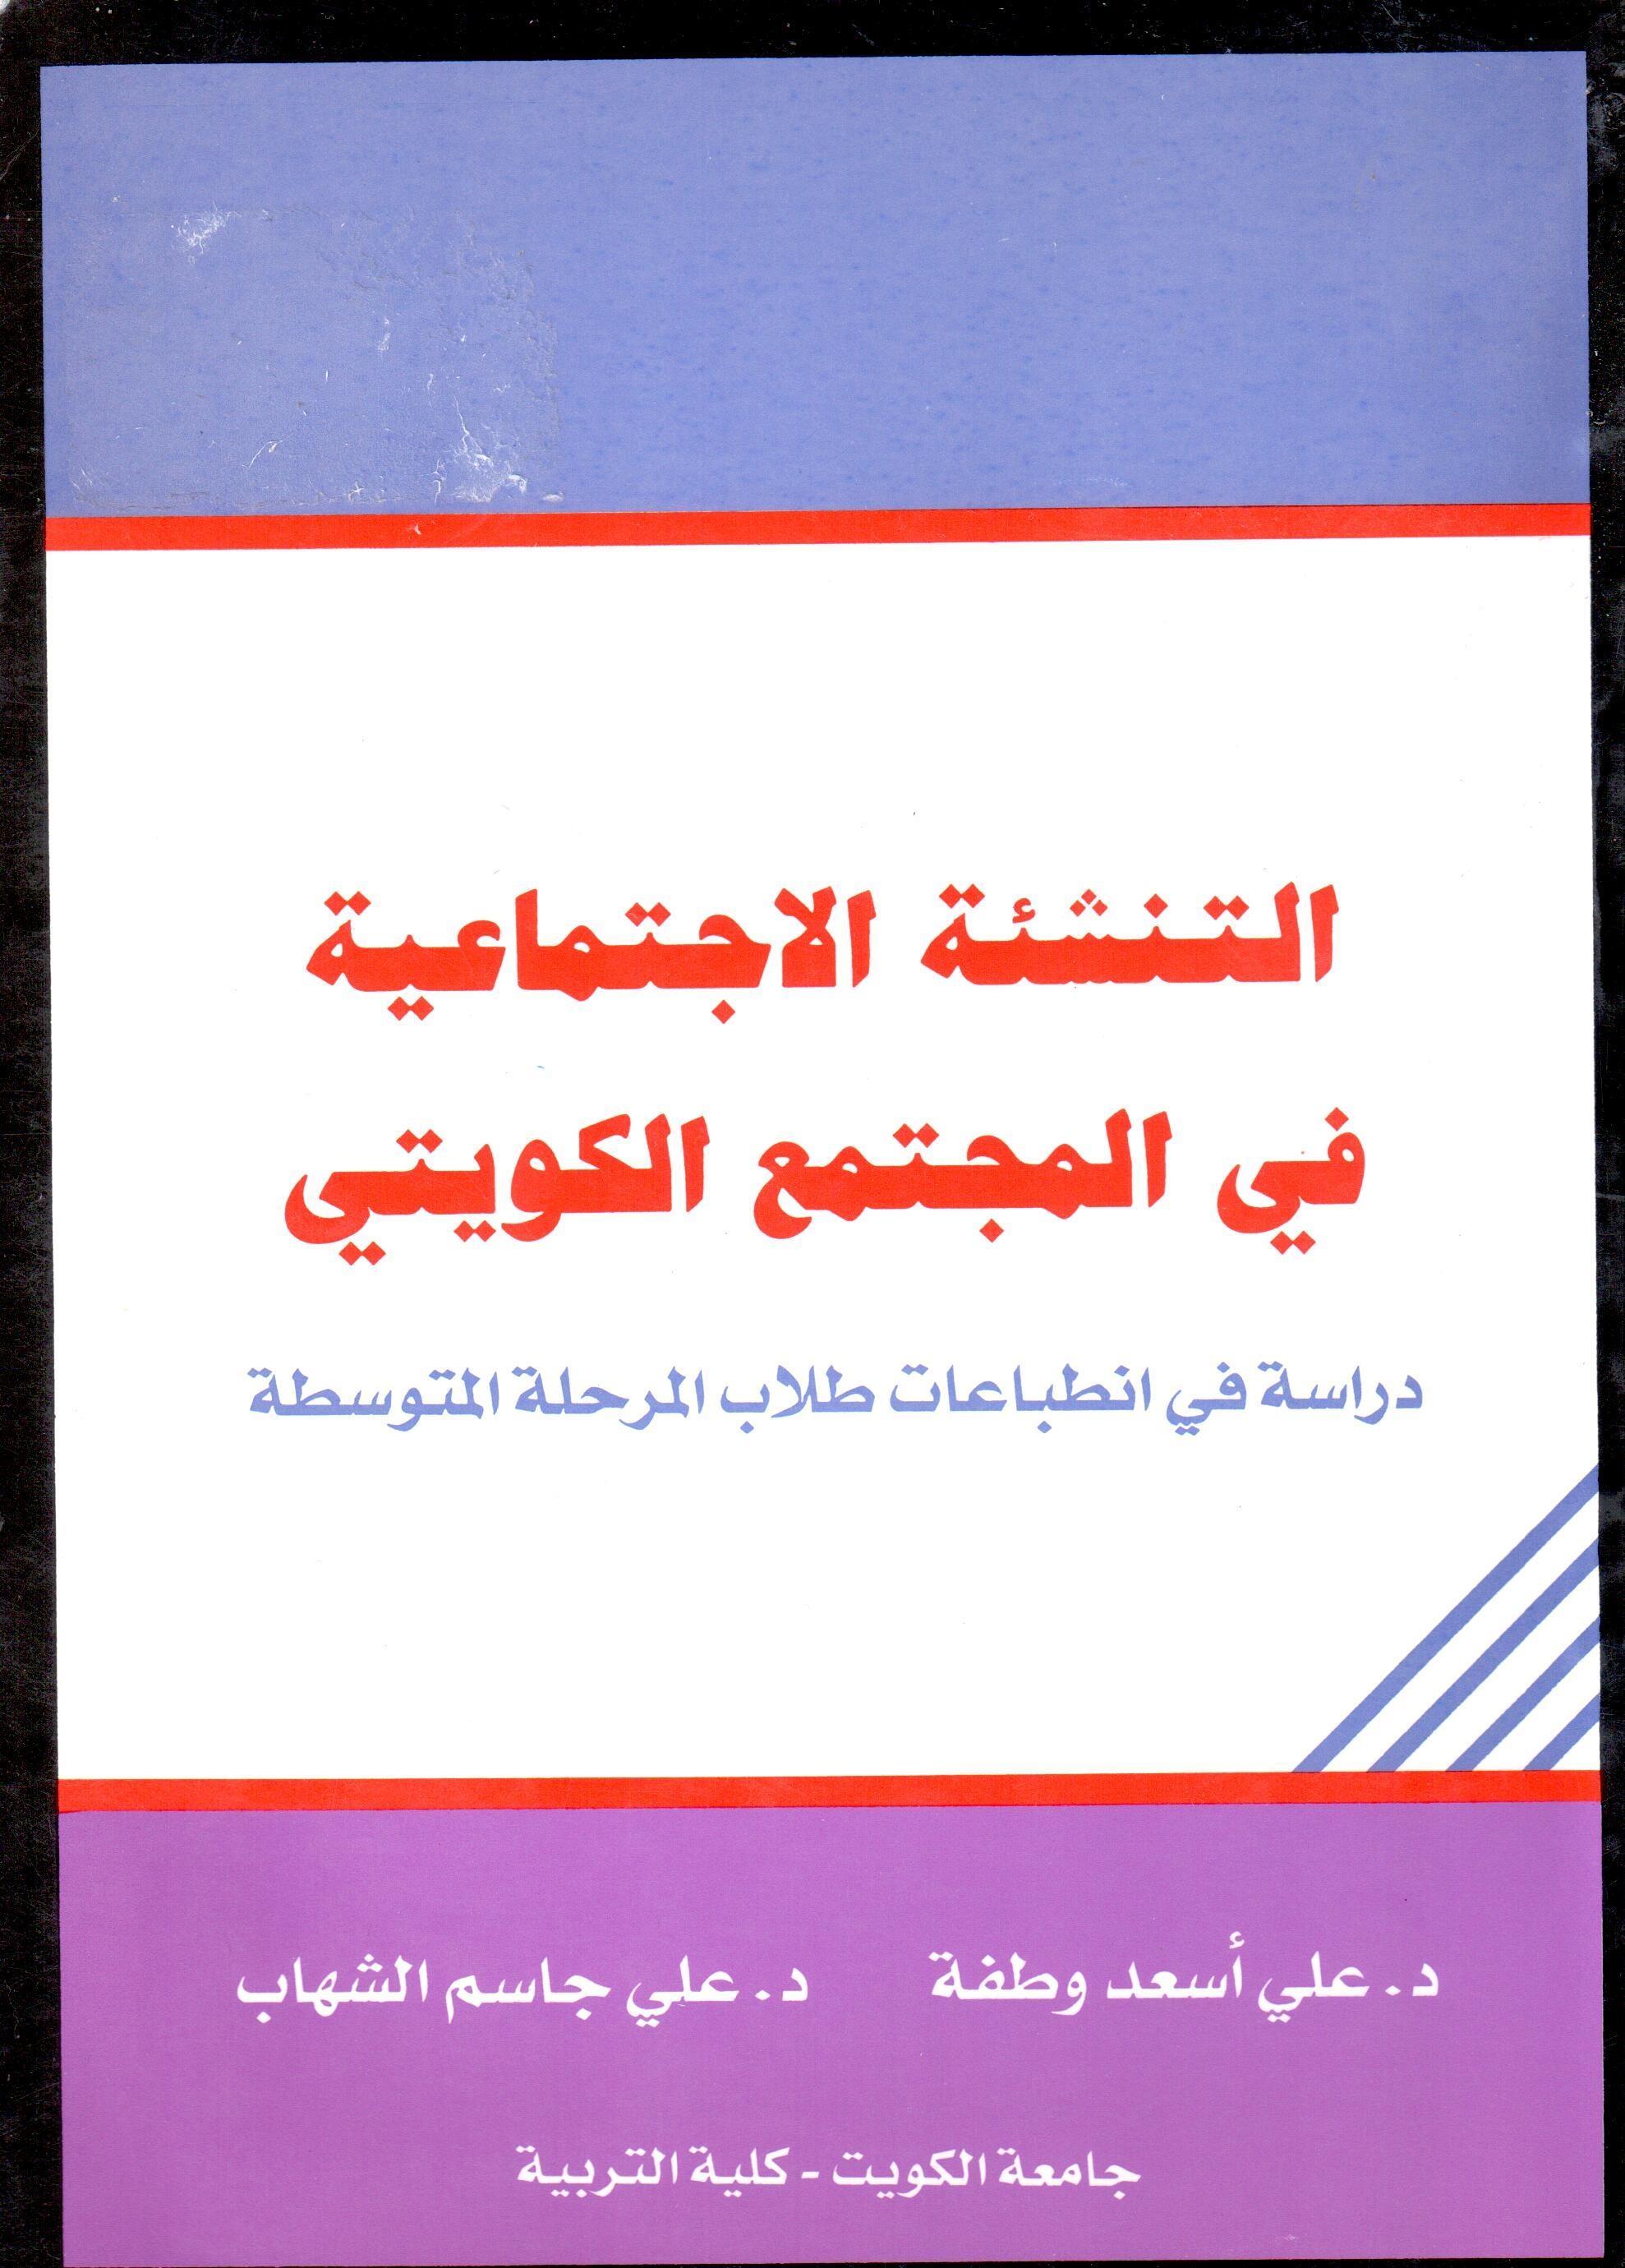 التنشئة الاجتماعية في المجتمع الكويتي- علي أسعد وطفة